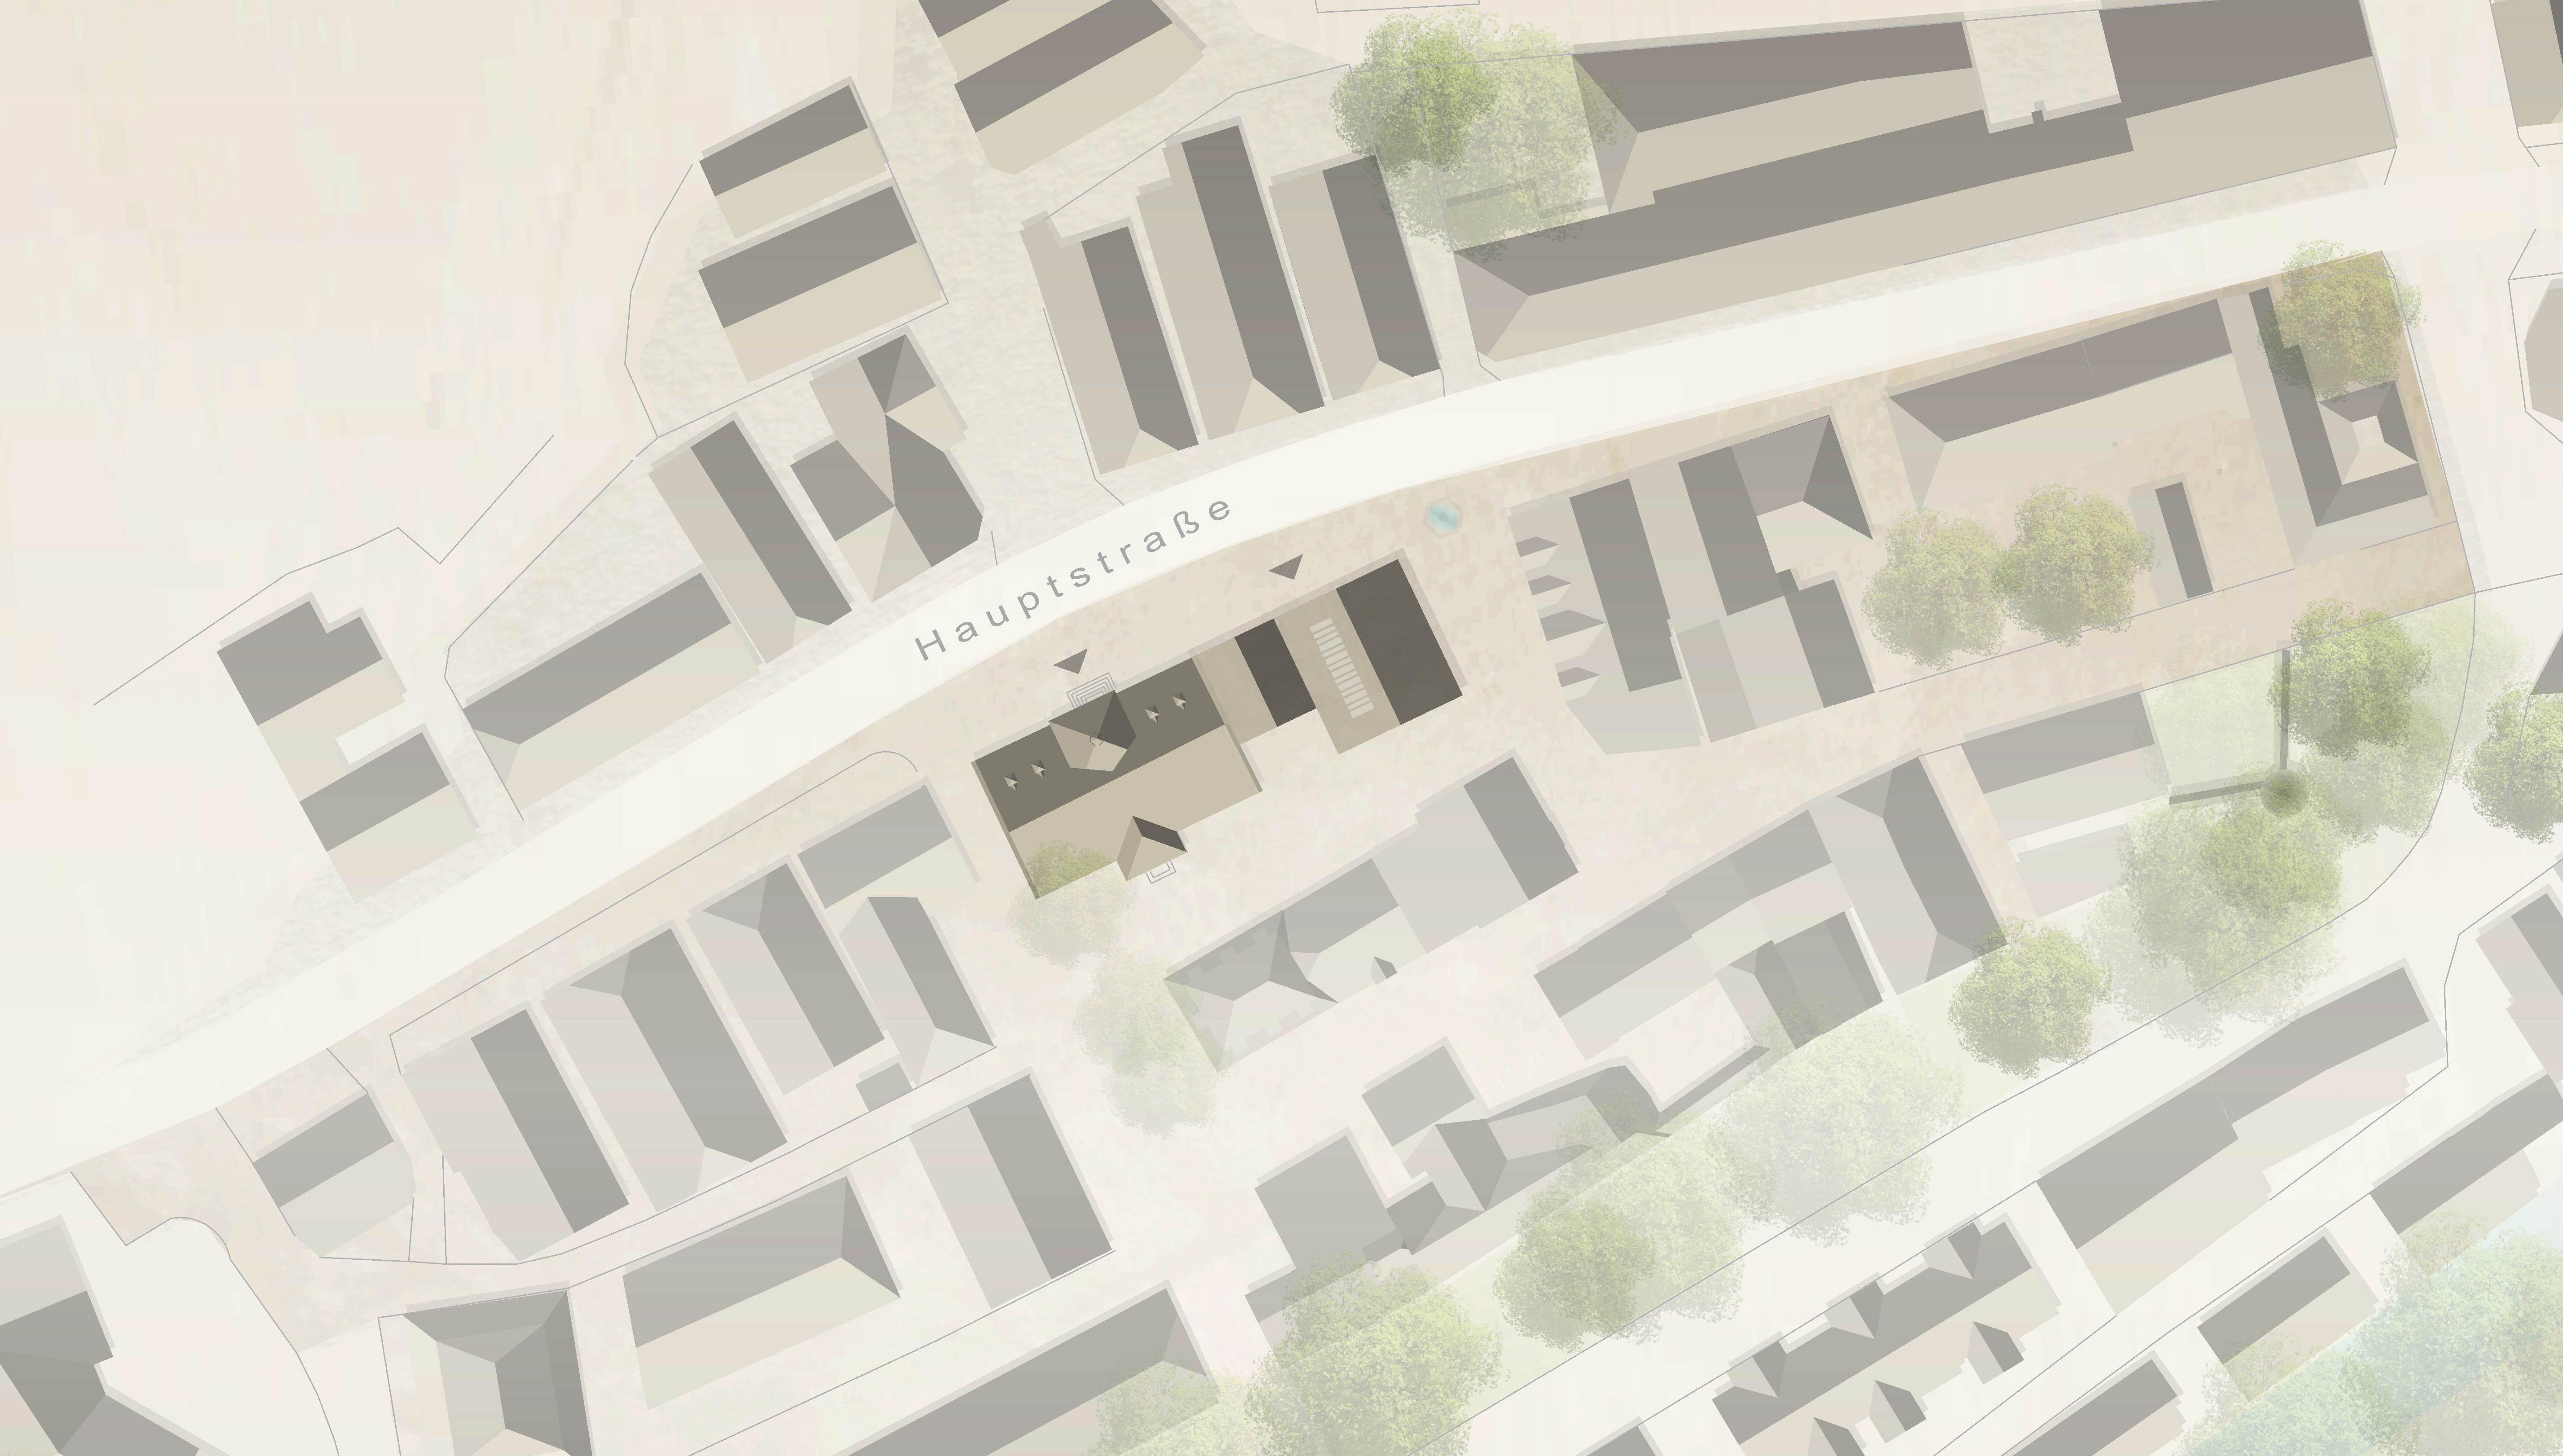 2 Preis Erweiterung Rathaus Stadt Zell Am Harmersbacompetitionline